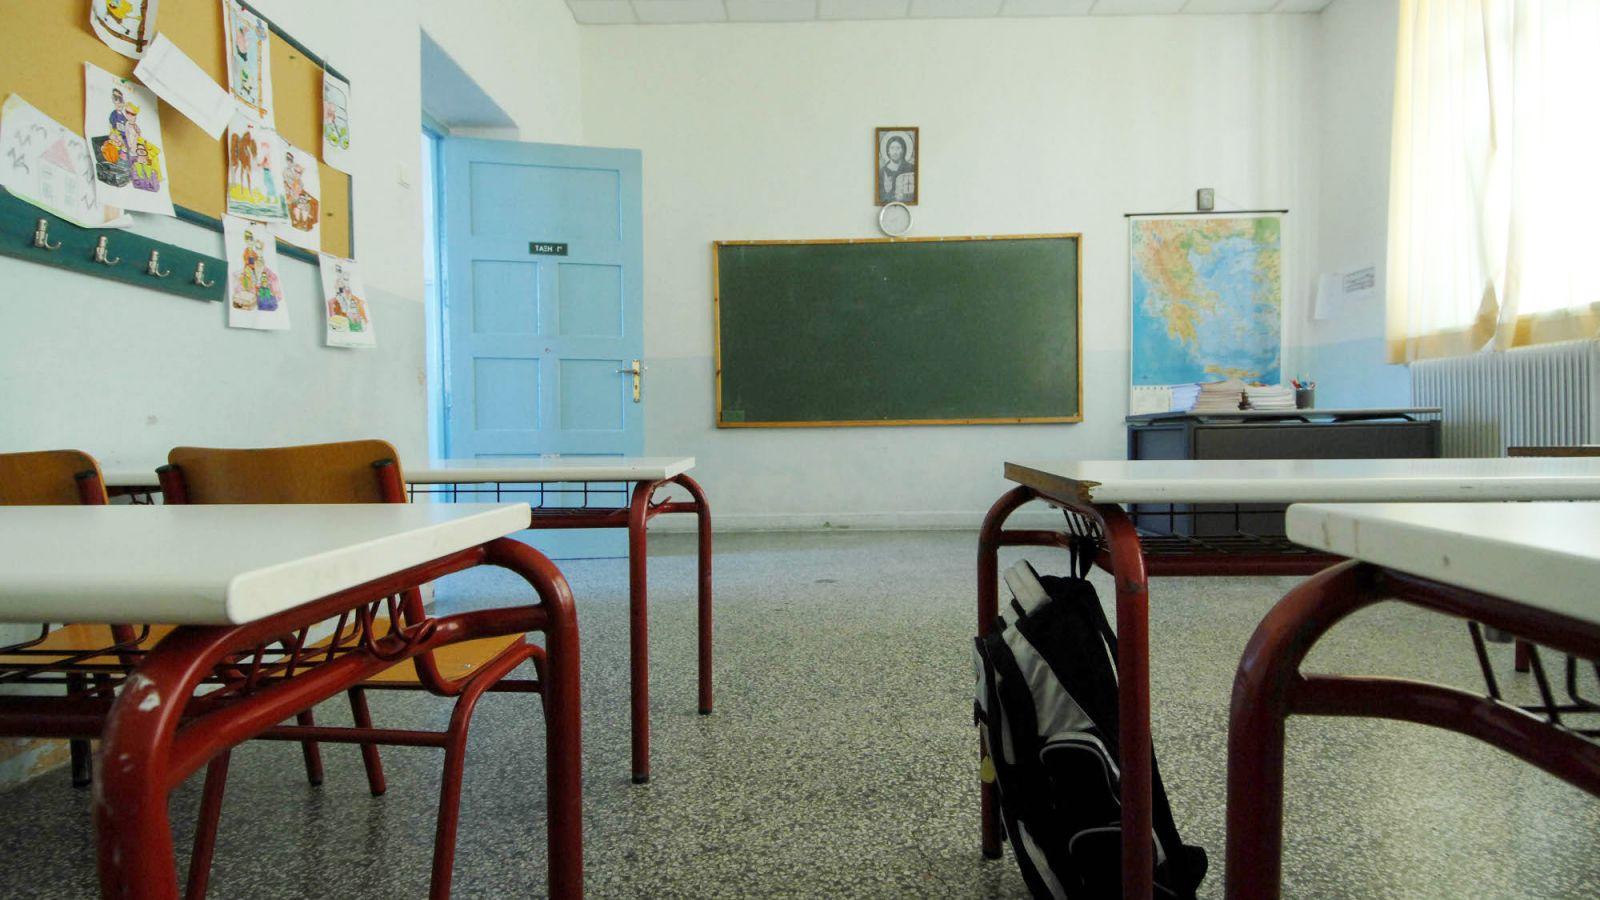 Άνοιγμα σχολείων: Λευκός καπνός από λοιμωξιολόγους για την επιστροφή των μαθητών σε Γυμνάσια και Λύκεια